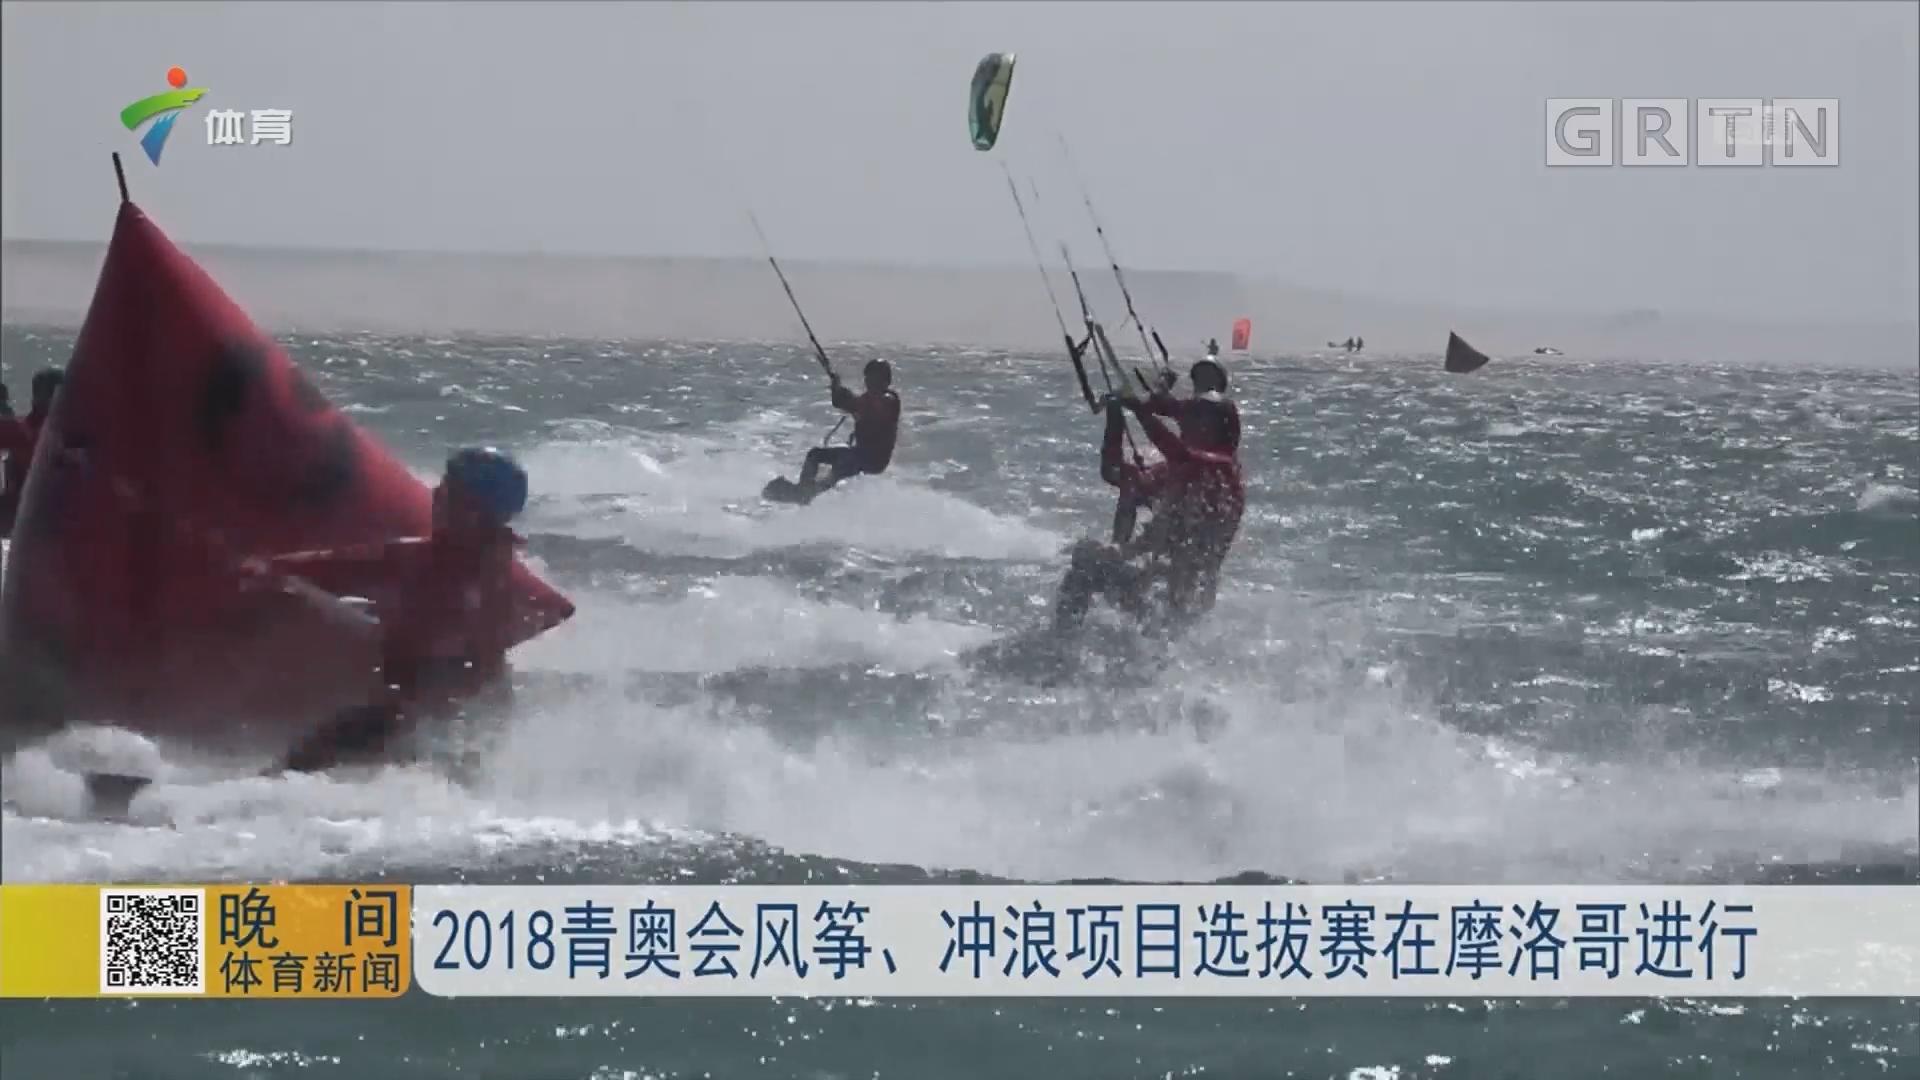 2018青奥会风筝、冲浪项目选拔赛在摩洛哥进行